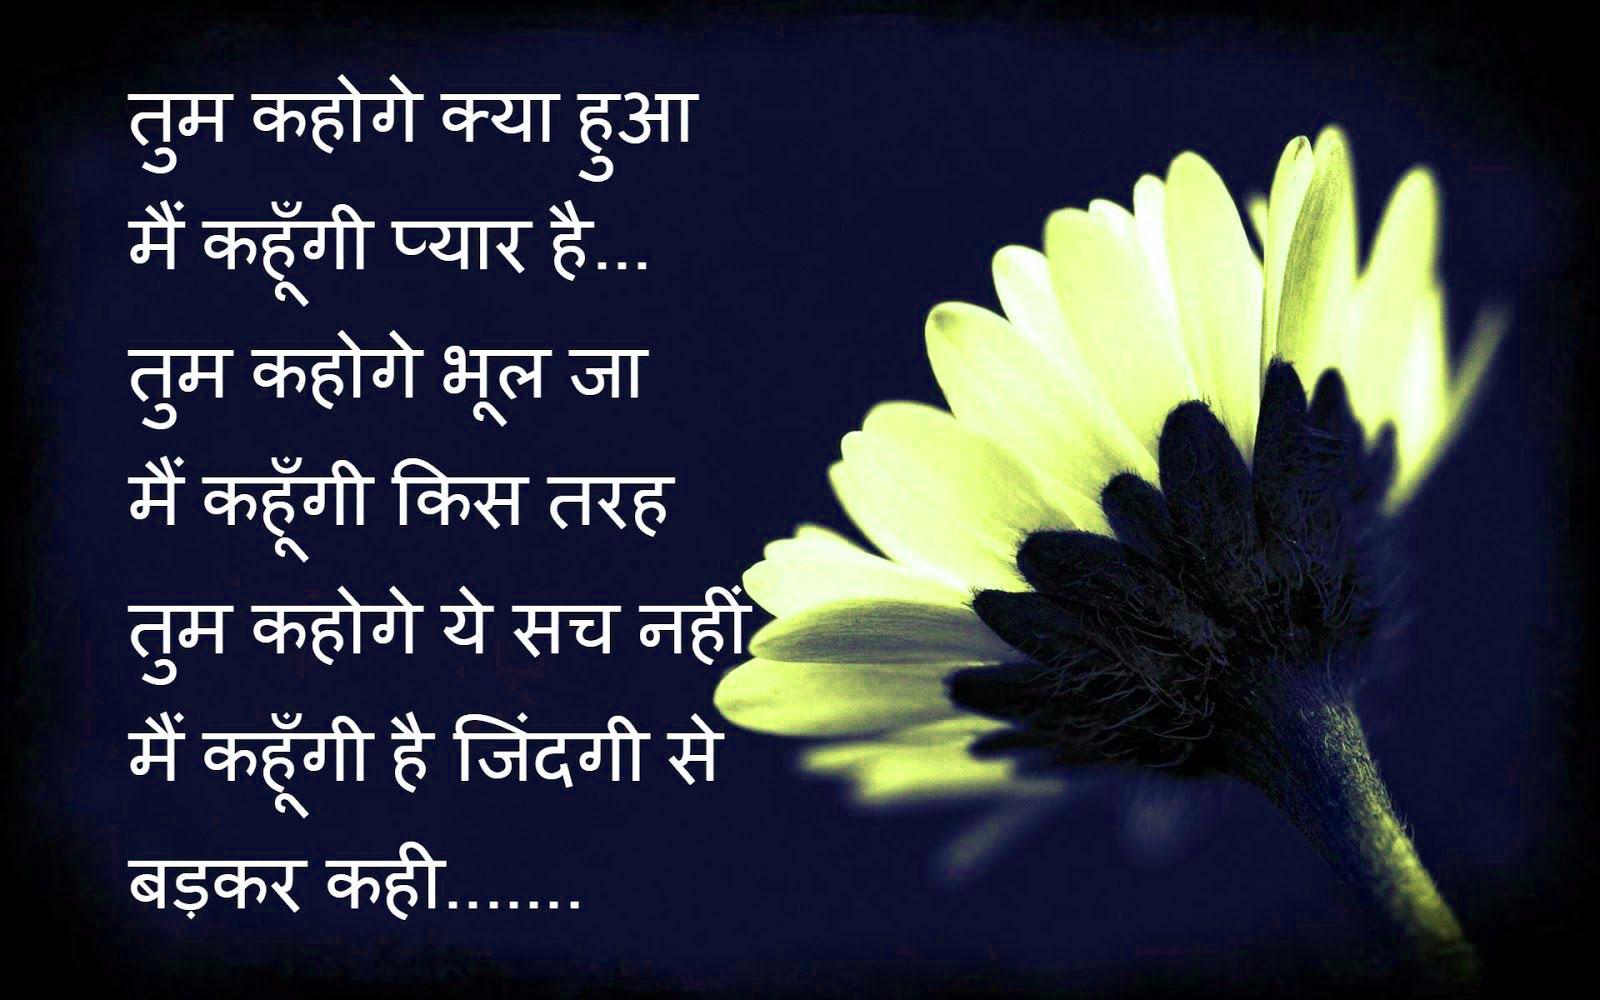 Best Hindi Love Shayari Quotes Whatsapp Status59